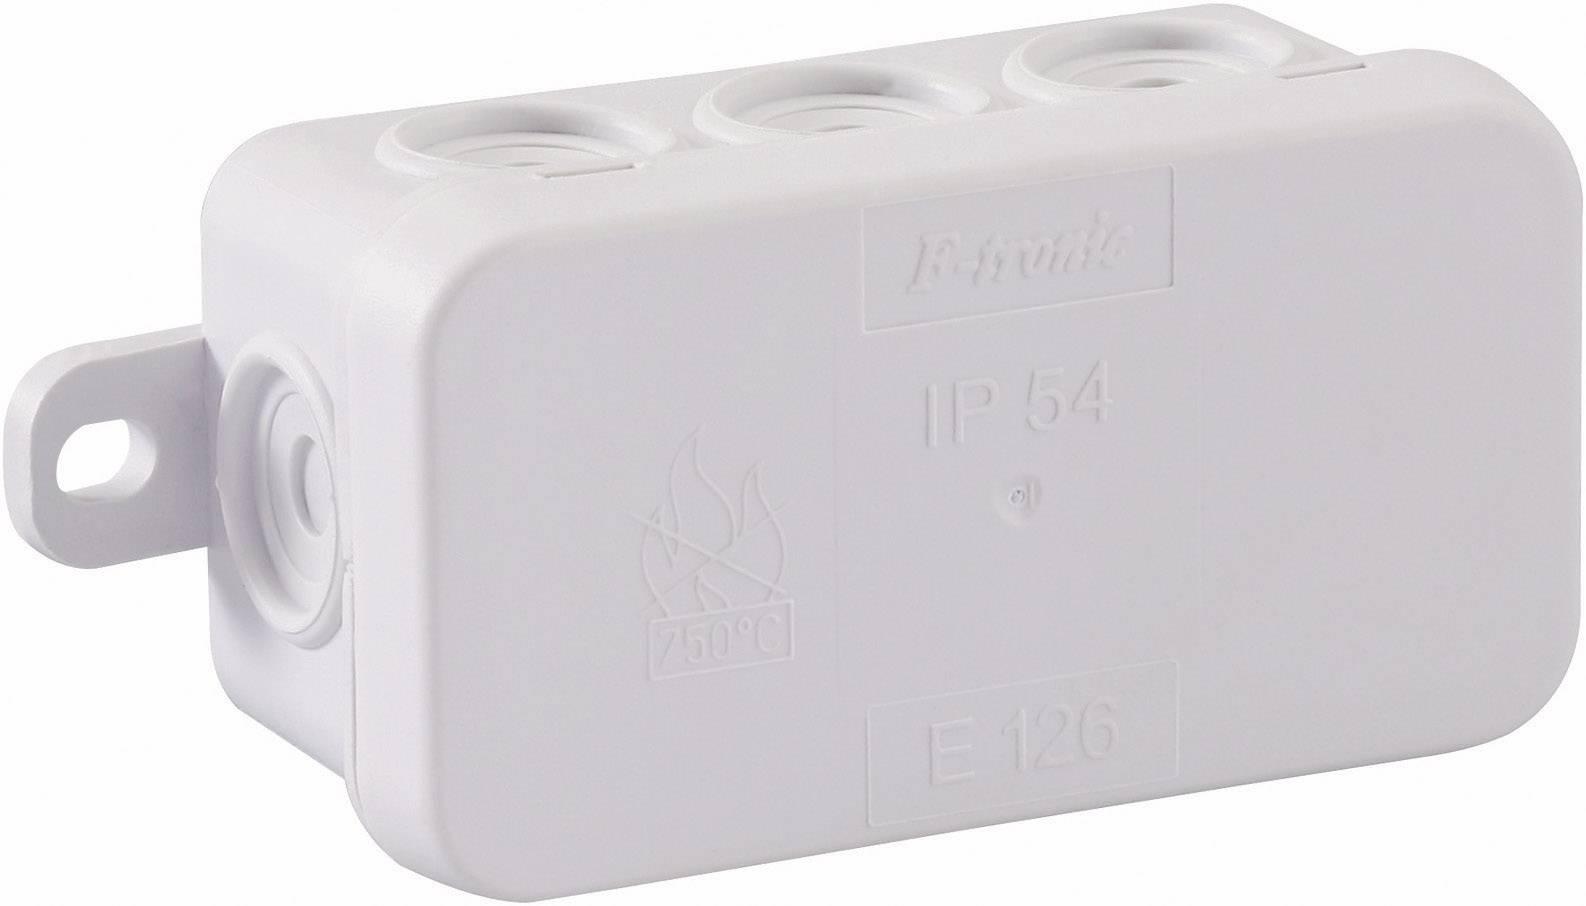 Inštalačná rozbočovacia krabička GAO 5229, (d x š x v) 75 x 40 x 37 mm, IP54, svetlo sivá